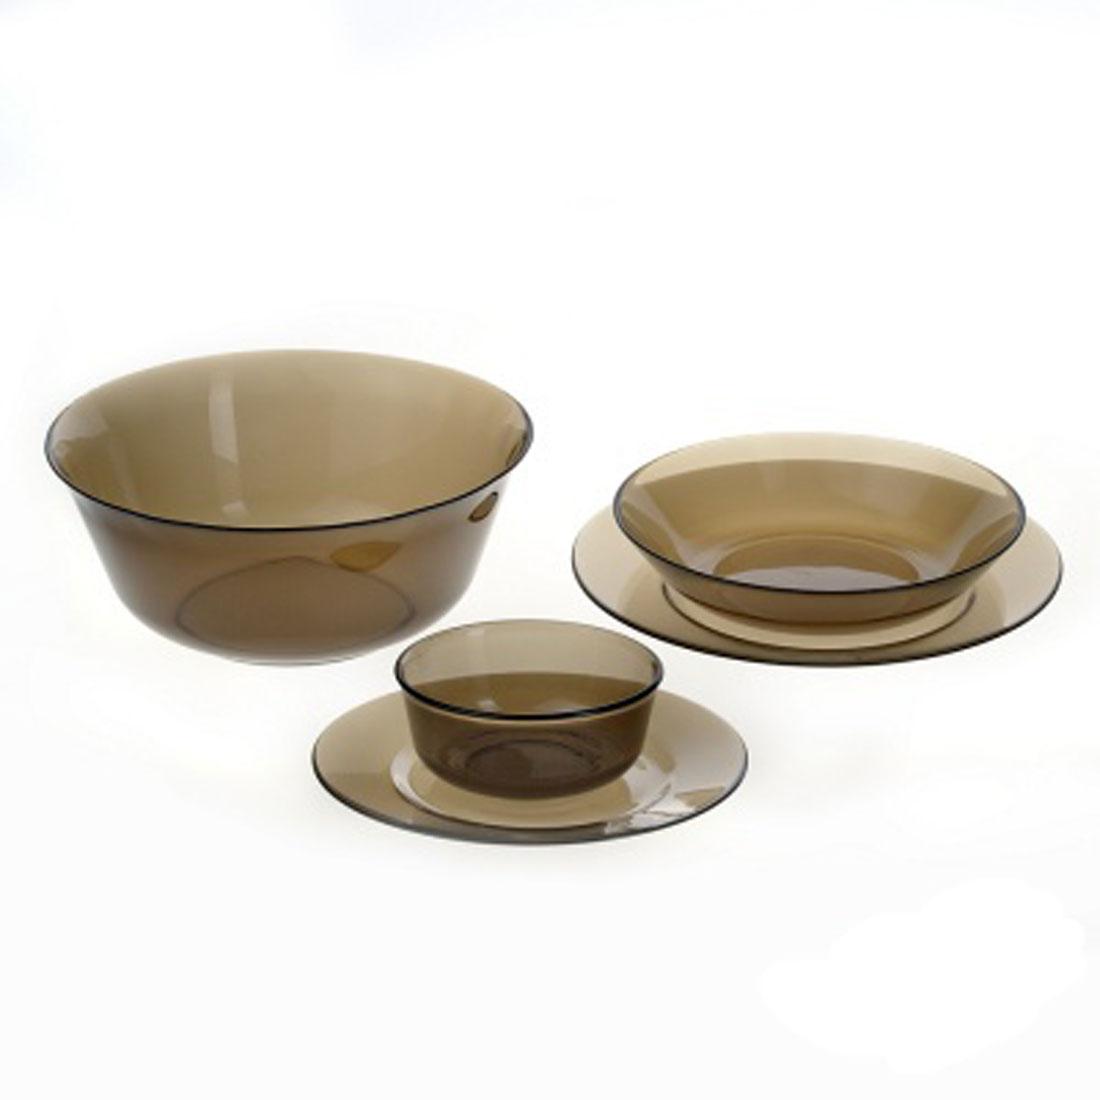 Набор столовой посуды Luminarc Directoire Eclipse, 20 предметовH0241Набор Luminarc Directoire Eclipse состоит из 6 суповых тарелок, 6 обеденных тарелок, 6 десертных тарелок, большого и малого салатников. Изделия выполнены из ударопрочного стекла, имеют яркий дизайн и классическую круглую форму. Посуда отличается прочностью, гигиеничностью и долгим сроком службы, она устойчива к появлению царапин и резким перепадам температур. Такой набор прекрасно подойдет как для повседневного использования, так и для праздников или особенных случаев. Набор столовой посуды Luminarc Directoire Eclipse - это не только яркий и полезный подарок для родных и близких, а также великолепное дизайнерское решение для вашей кухни или столовой. Можно мыть в посудомоечной машине и использовать в микроволновой печи. Диаметр суповой тарелки: 20,5 см. Высота суповой тарелки: 4,5 см. Диаметр обеденной тарелки: 24,5 см. Высота обеденной тарелки: 2,5 см. Диаметр десертной тарелки: 19,5 см. Высота...